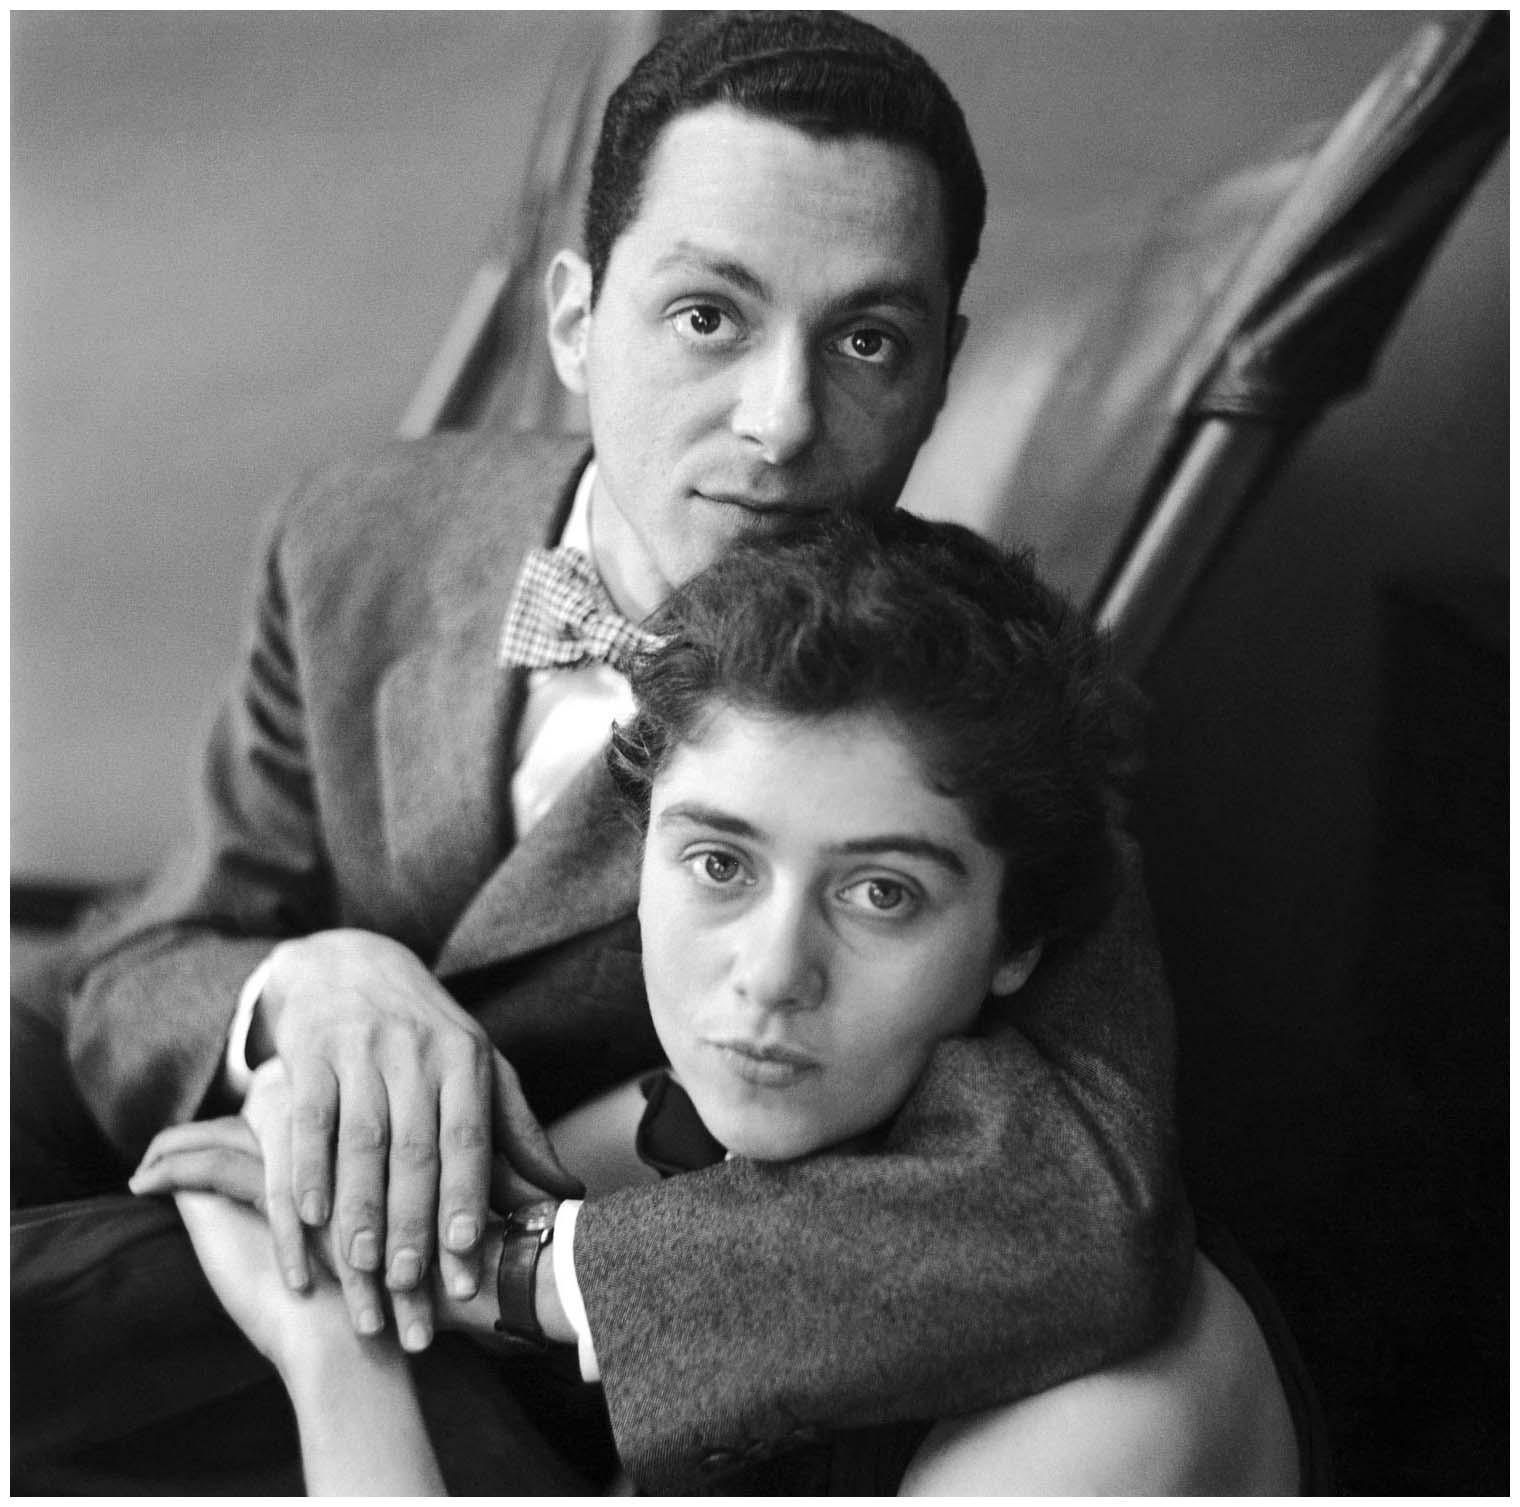 diane-and-allan-arbus-dec-8-1950-frances-mclaughline.jpg